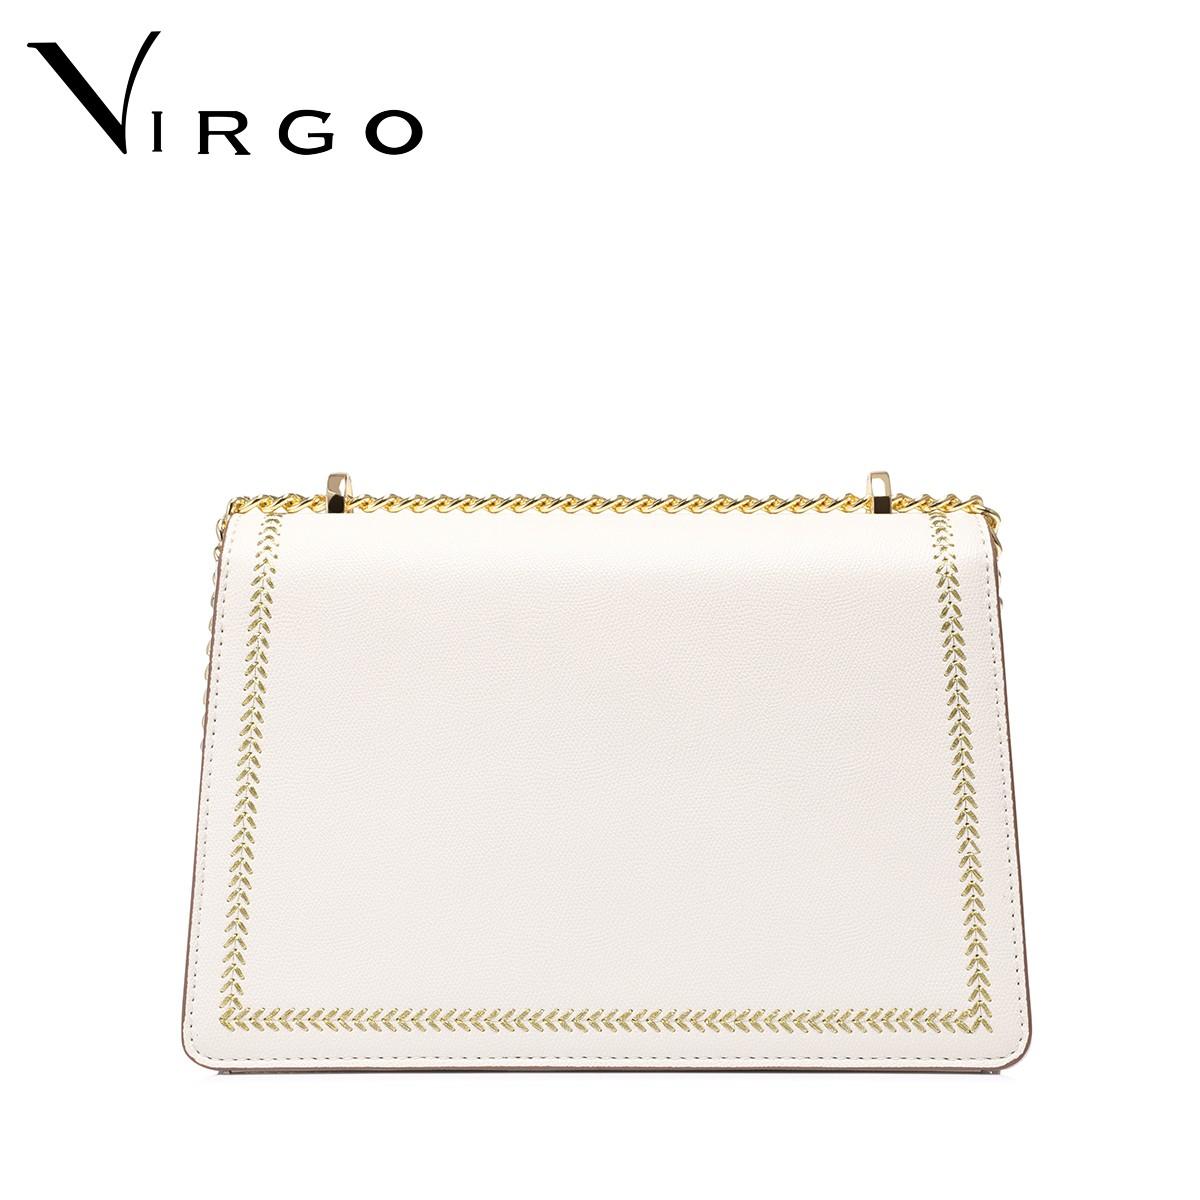 Túi đeo chéo nữ thời trang Just Star Virgo VG536